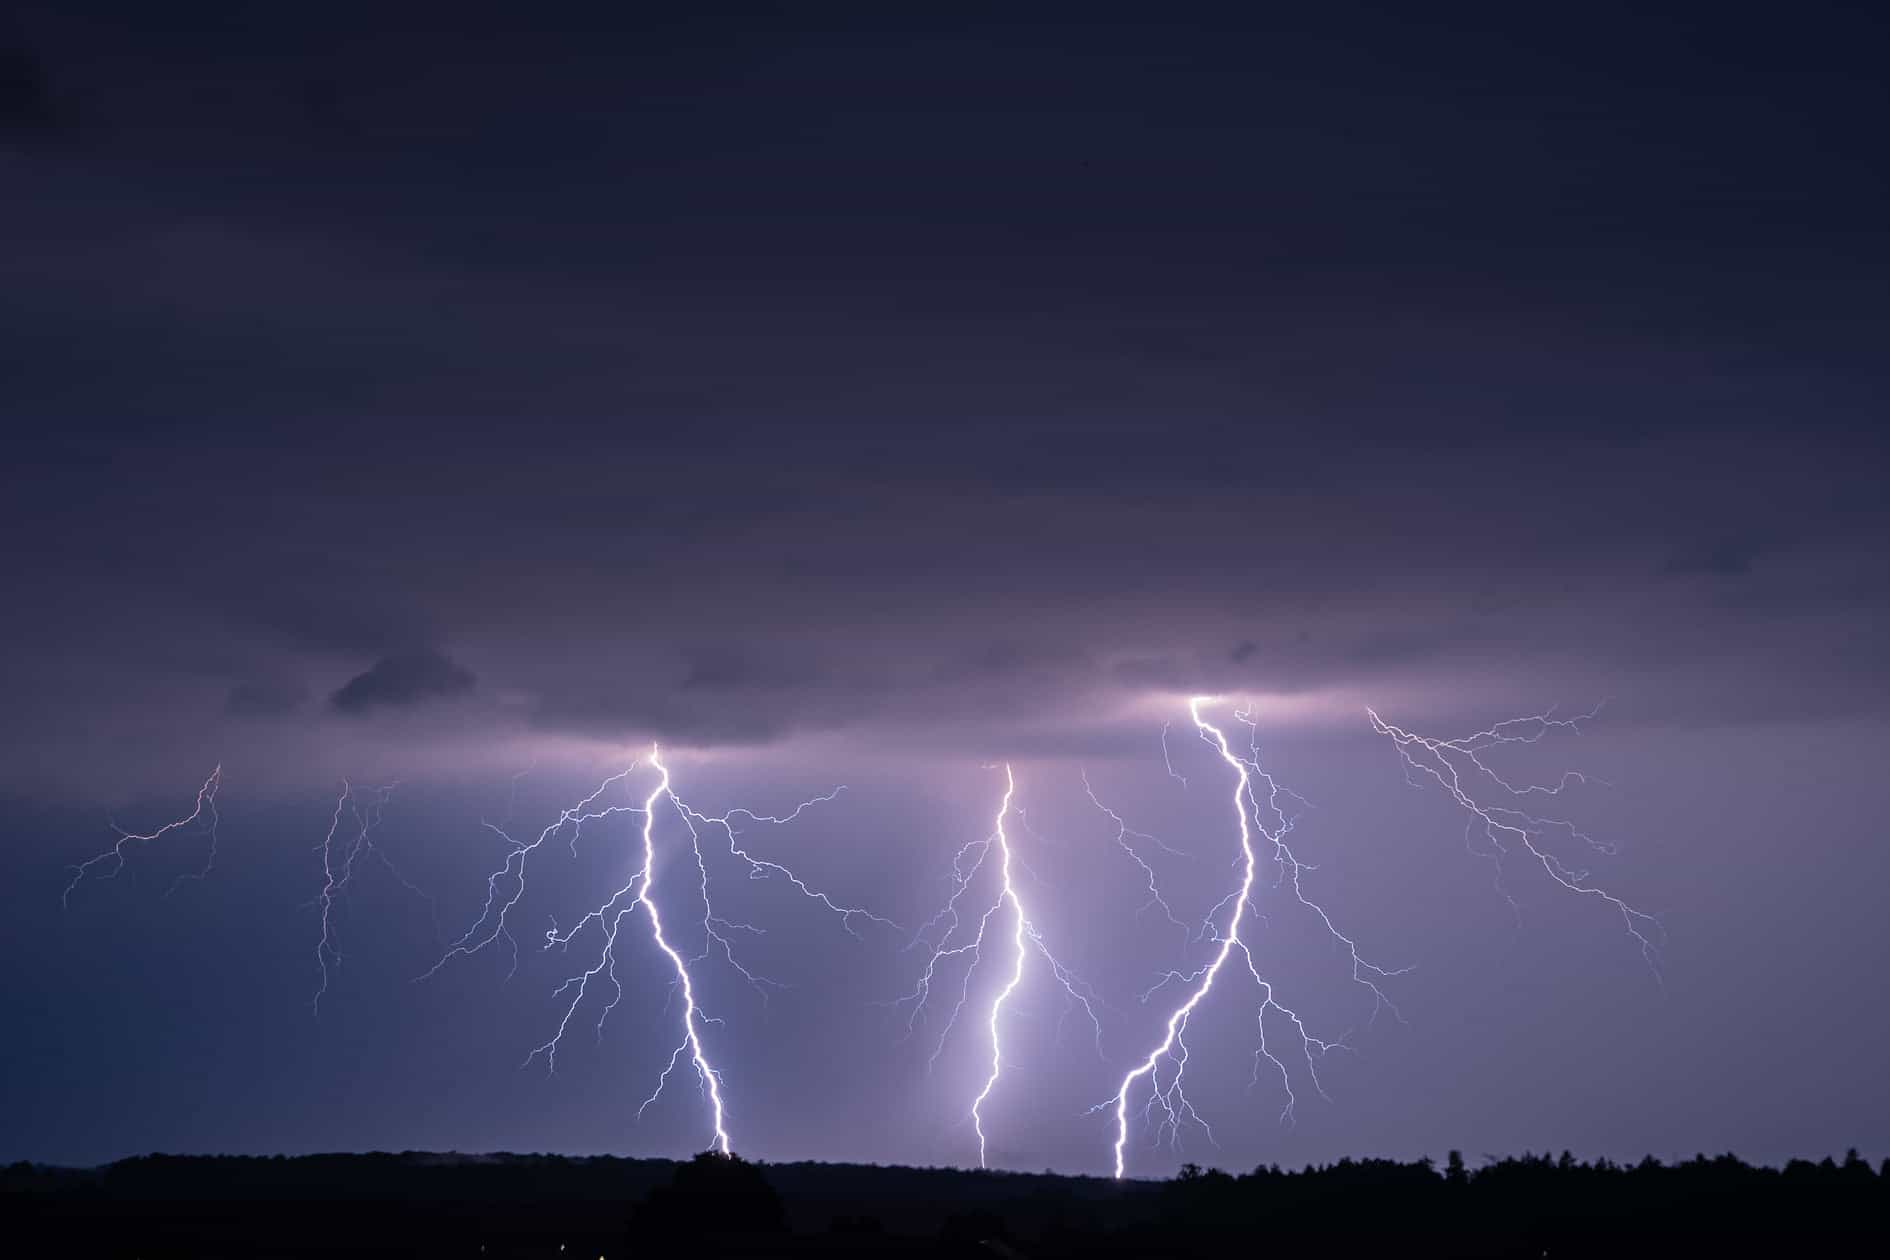 Burze pojawią się dziś nad Polską. Gdzie jest burza 16.09.2021? - Fani Pogody